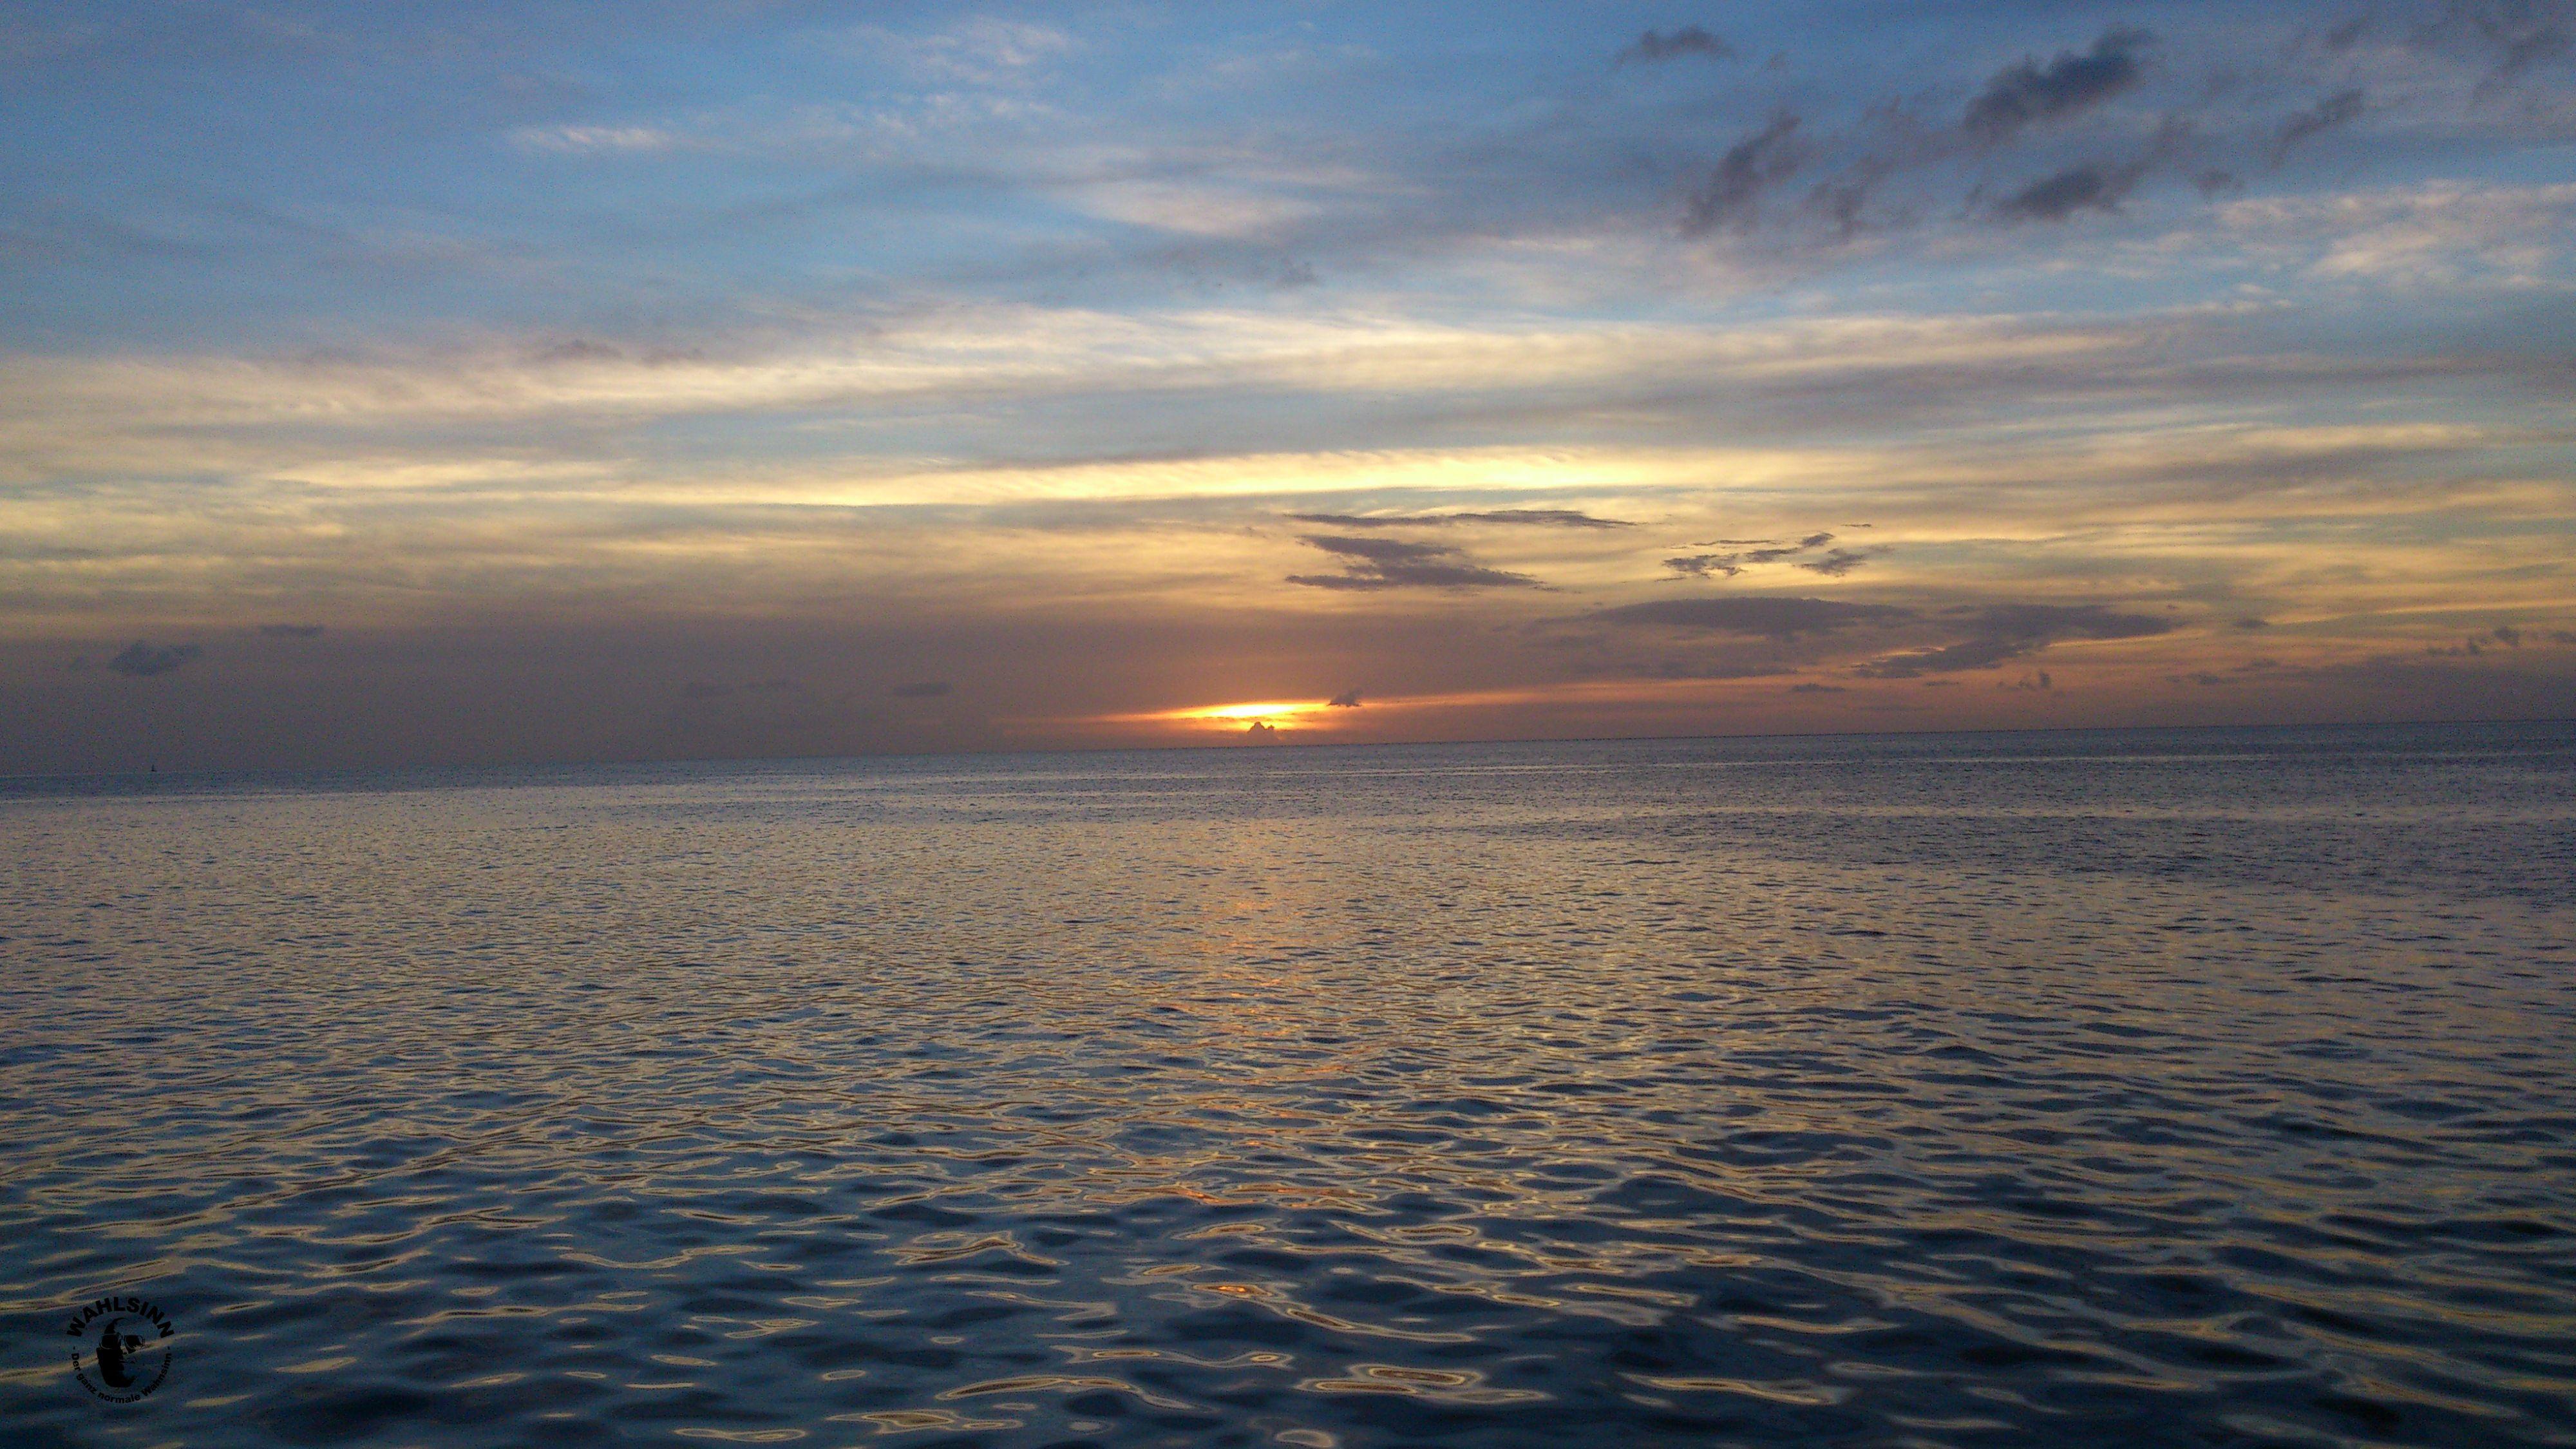 St. Lucia - Ein typischer Sonnenuntergang in der Karibik. Hier von St. Lucia aufgenommen